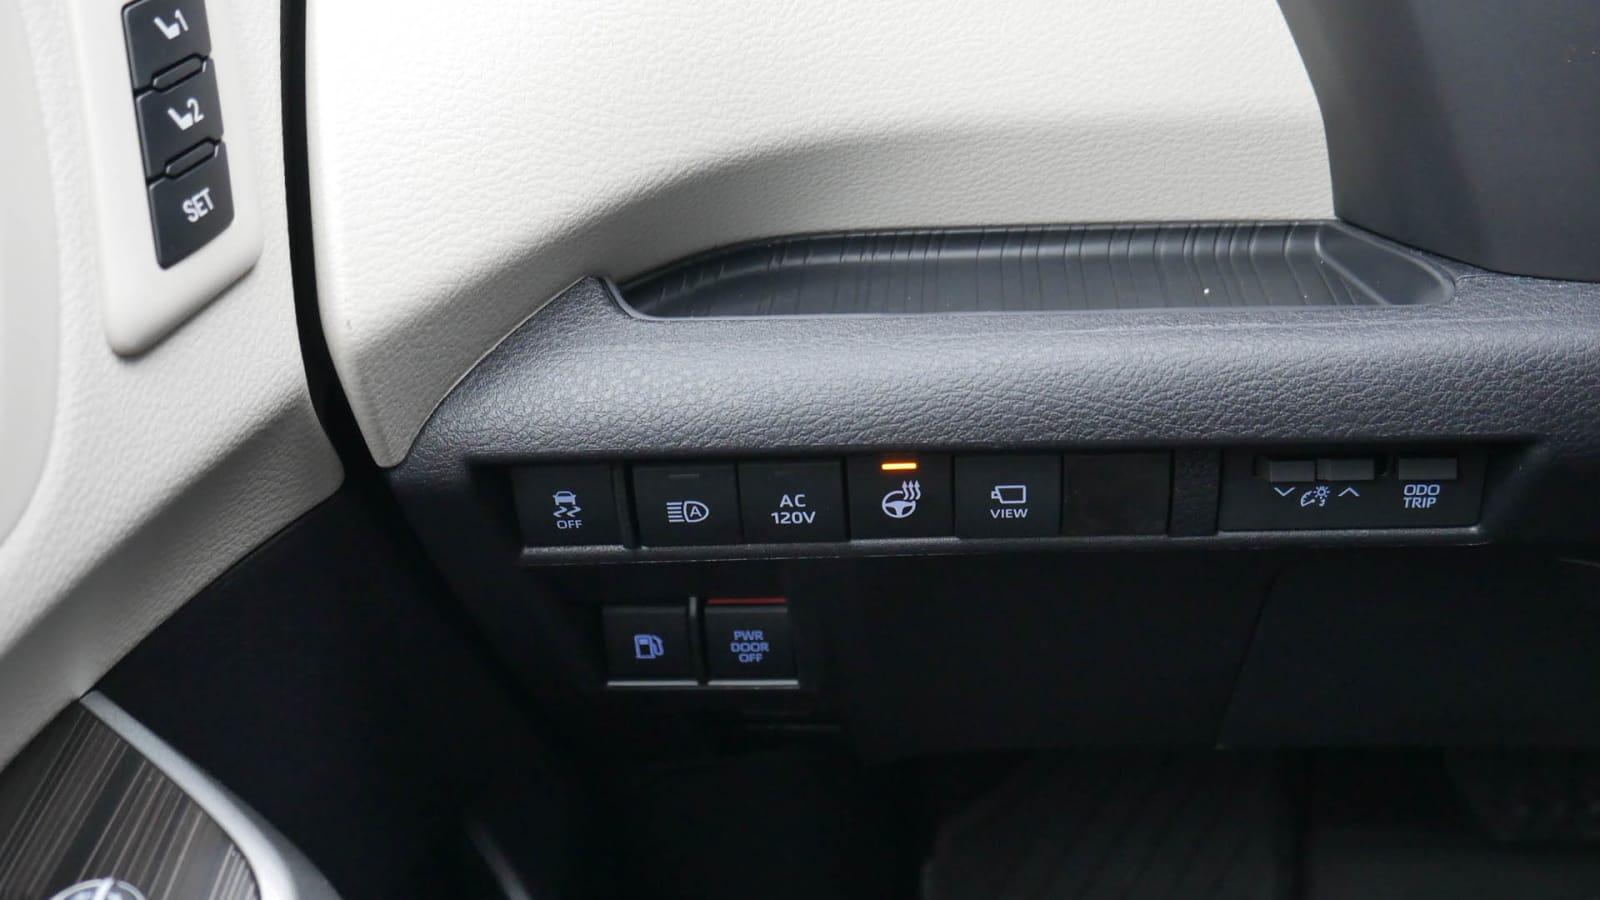 2021 Toyota Sienna interior storage left bin